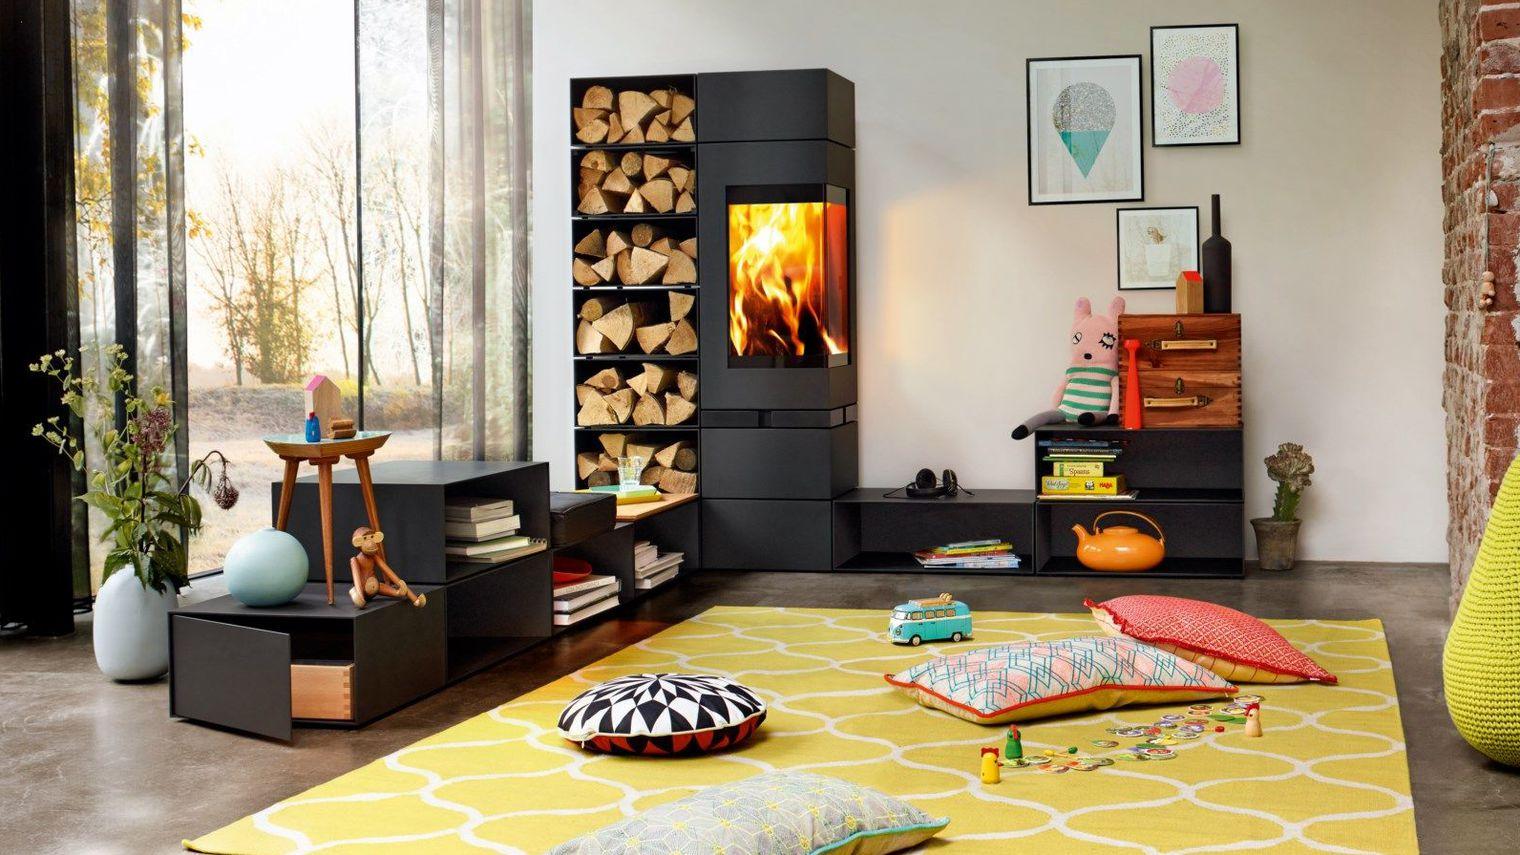 Chaudi re bois l id al pour une maison bioclimatique maison et cologie - Cout chauffage maison 100m2 ...